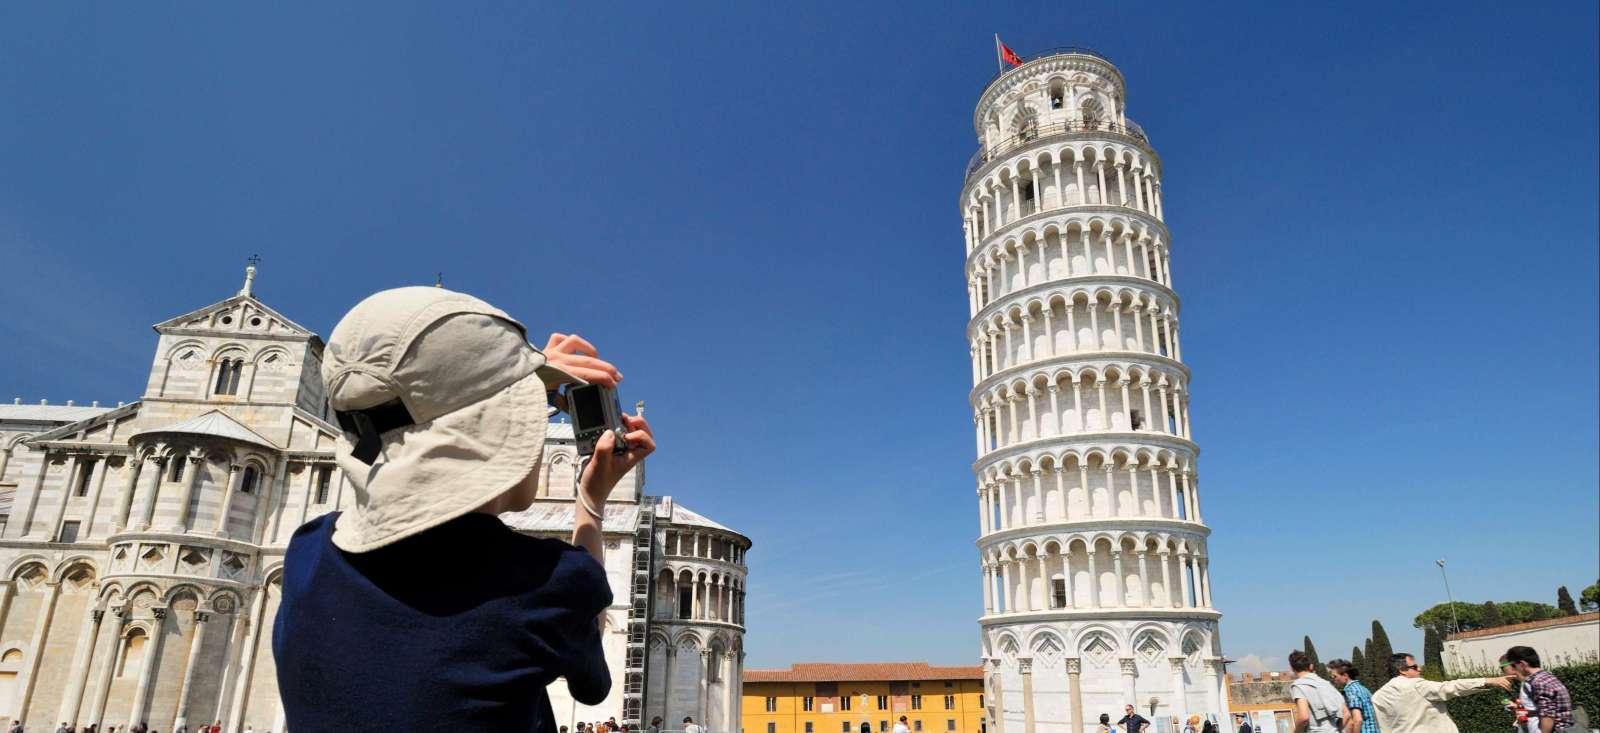 Voyage à pied Italie : Petits aventuriers chez Léonard de Vinci